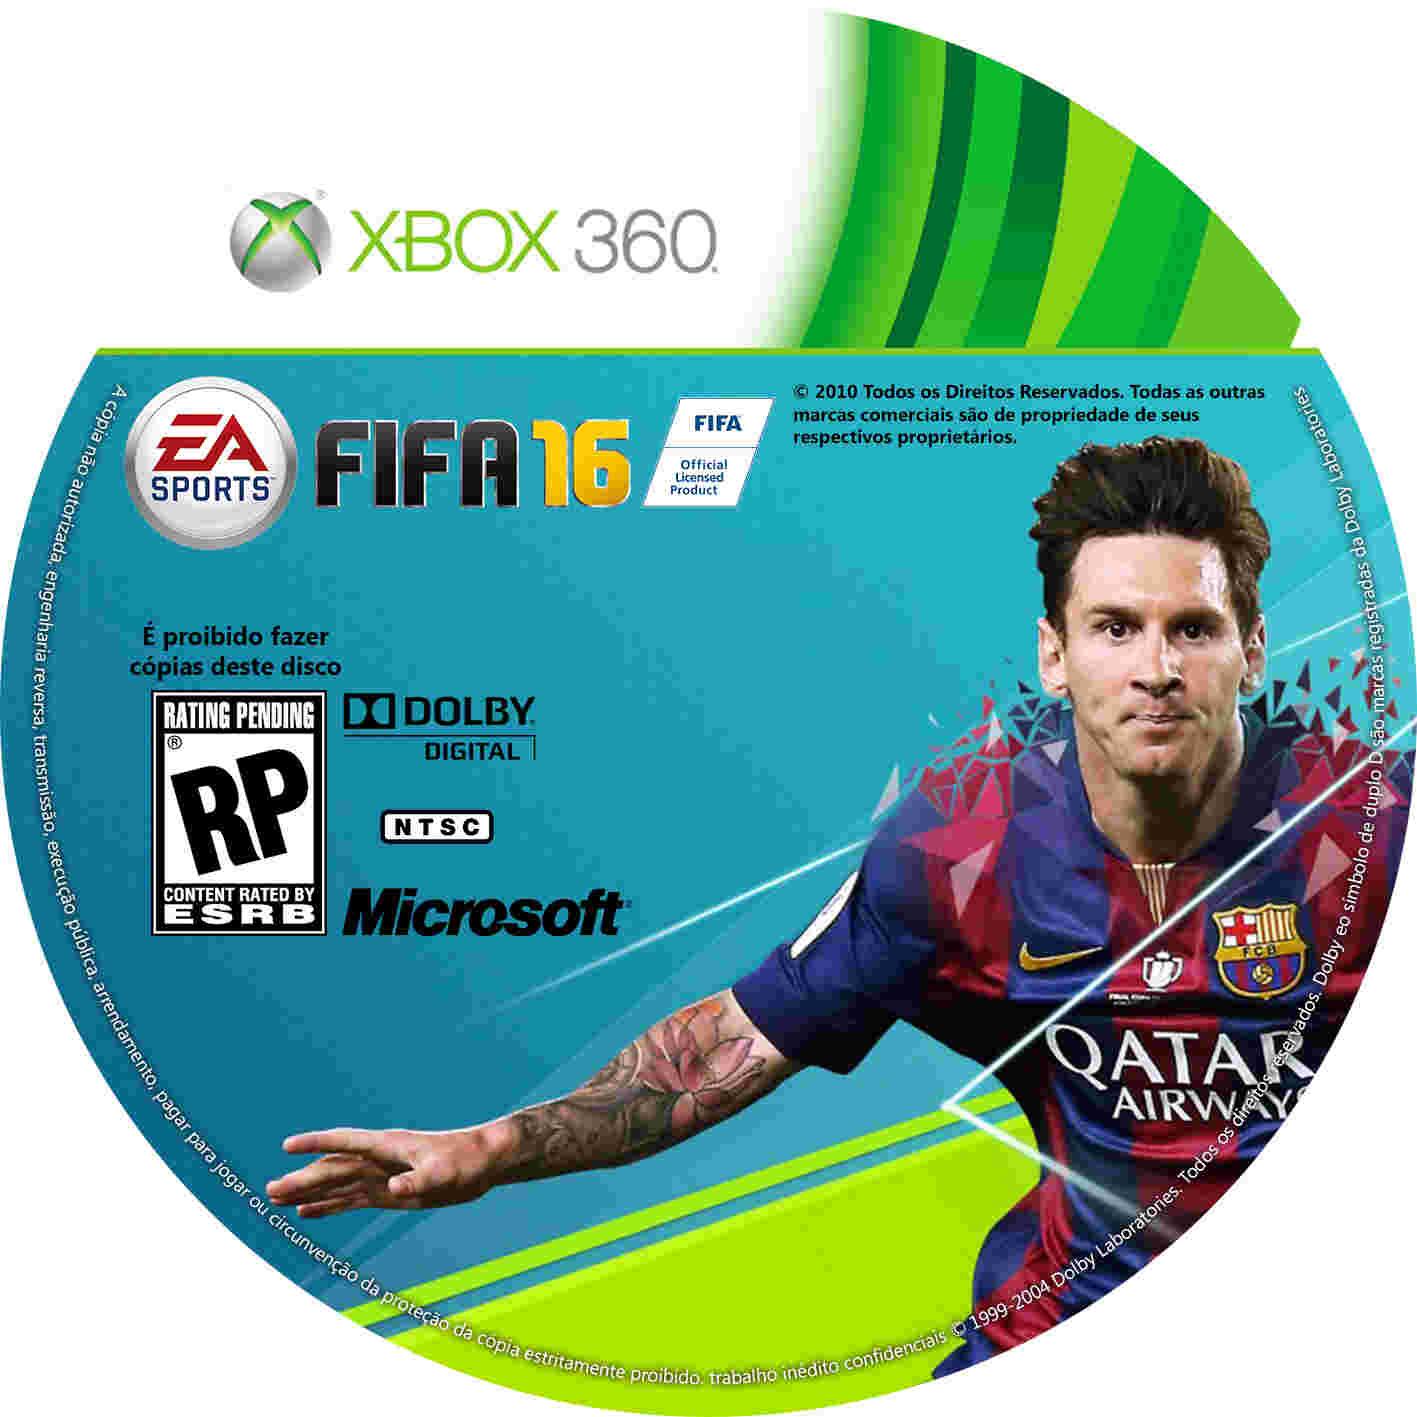 download fifa 16 demo xbox 360